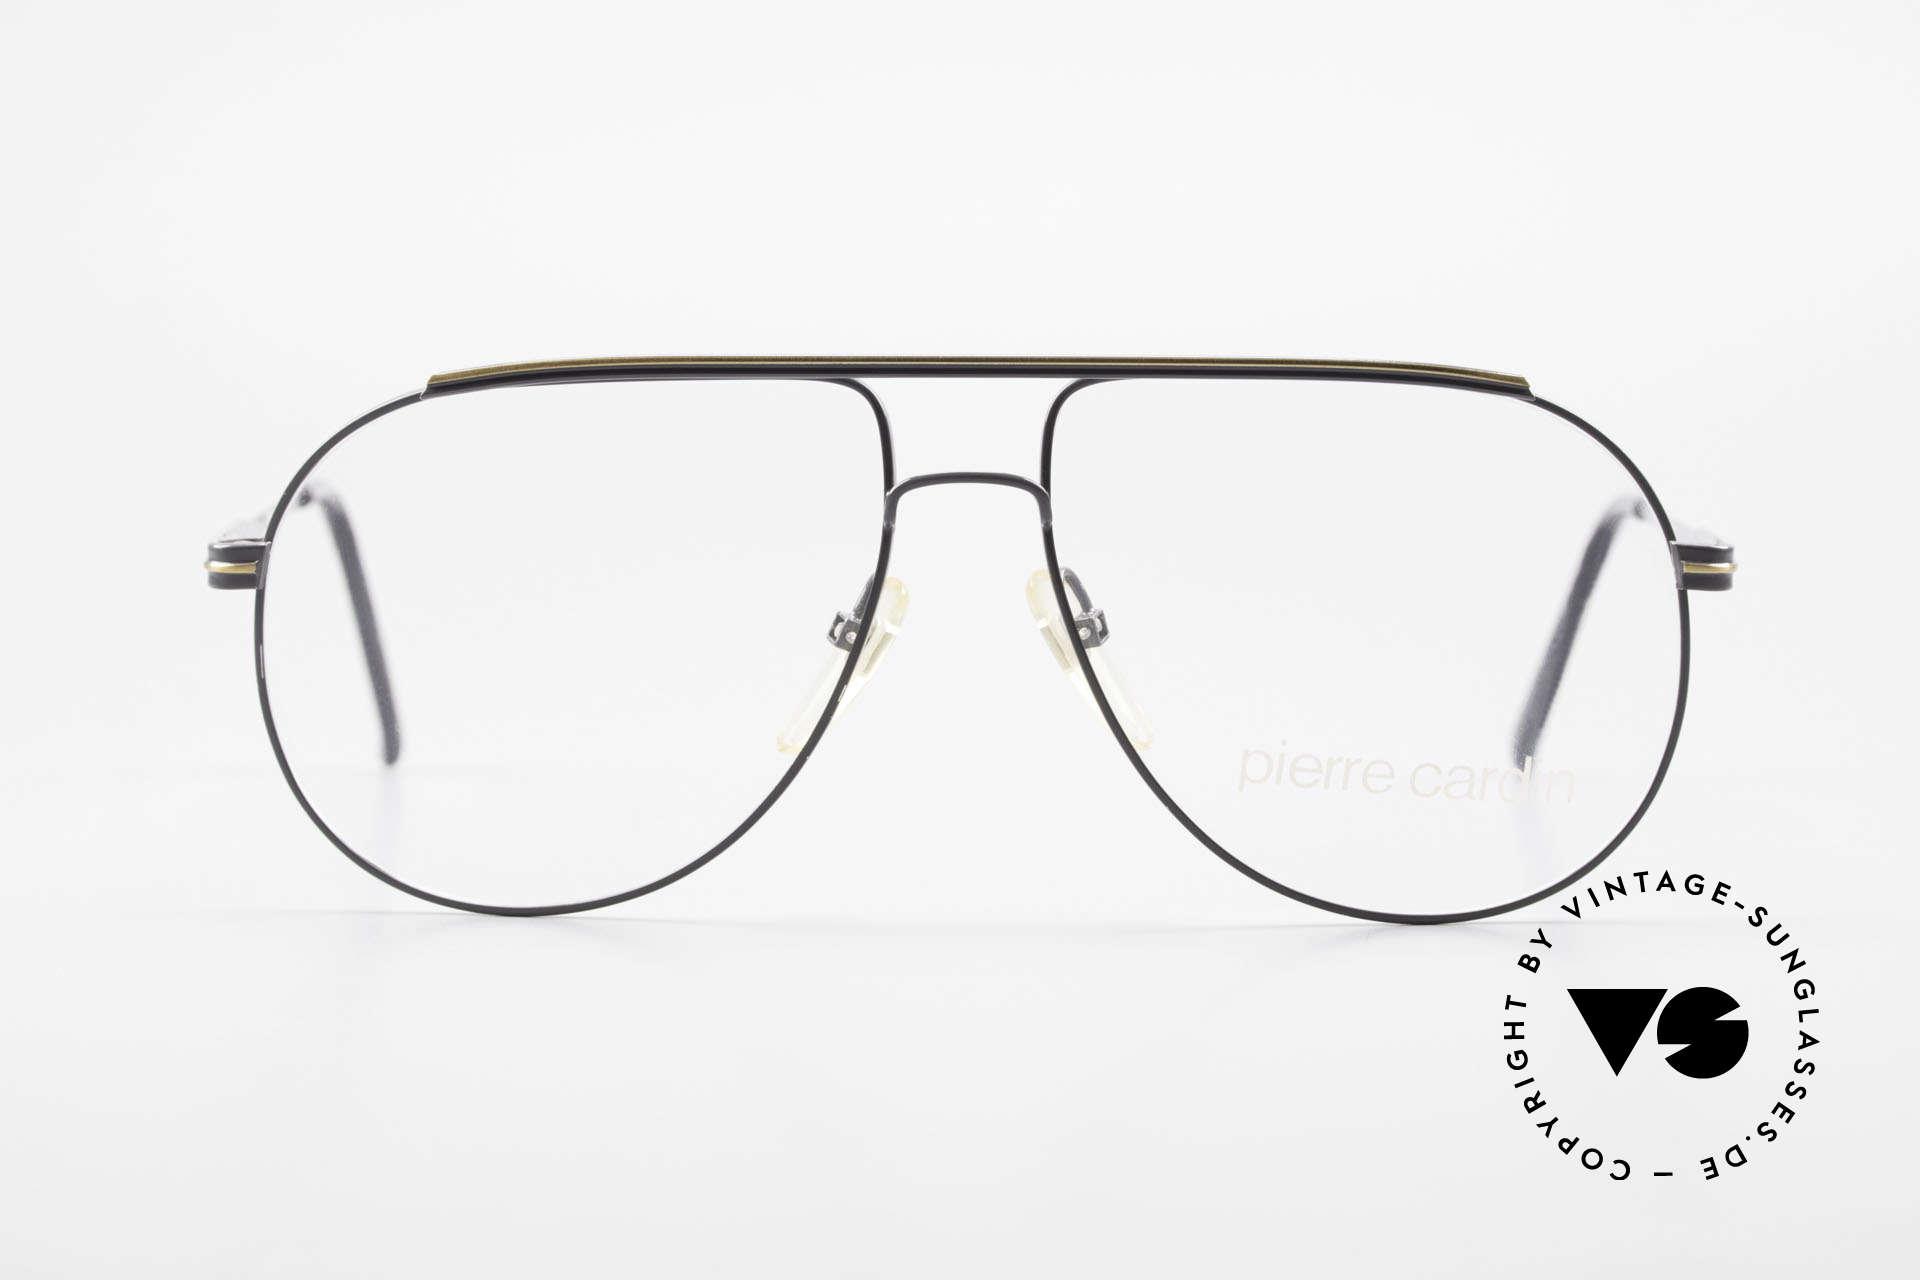 Pierre Cardin 803 80er Tropfenform Herrenbrille, klassische Tropfenform od. auch Aviator-Brille, Passend für Herren